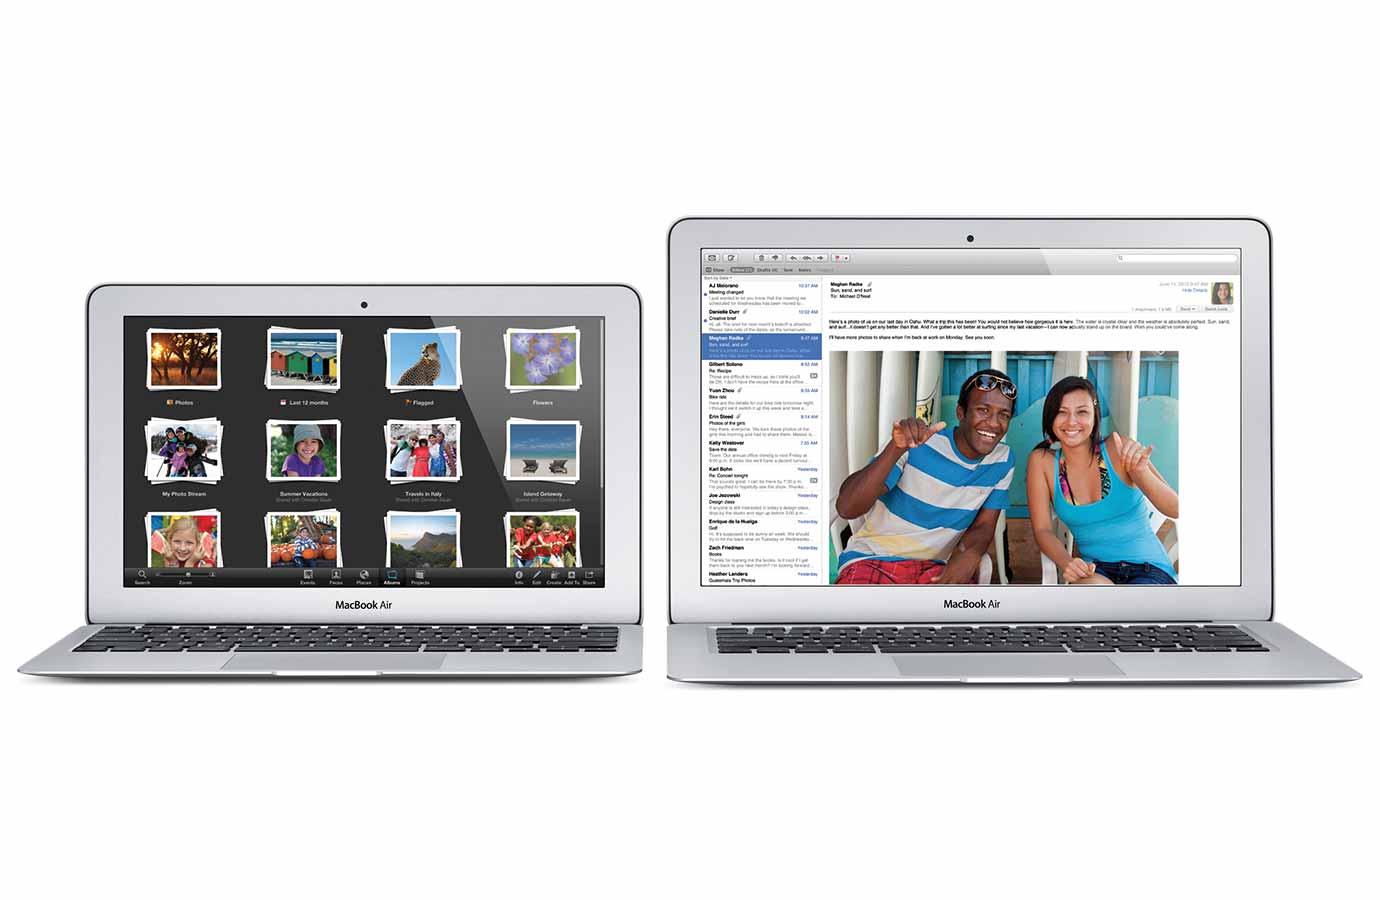 次期「MacBook Air」が8月に発売か!? 「MacBook Pro」も同時に発表の可能性も